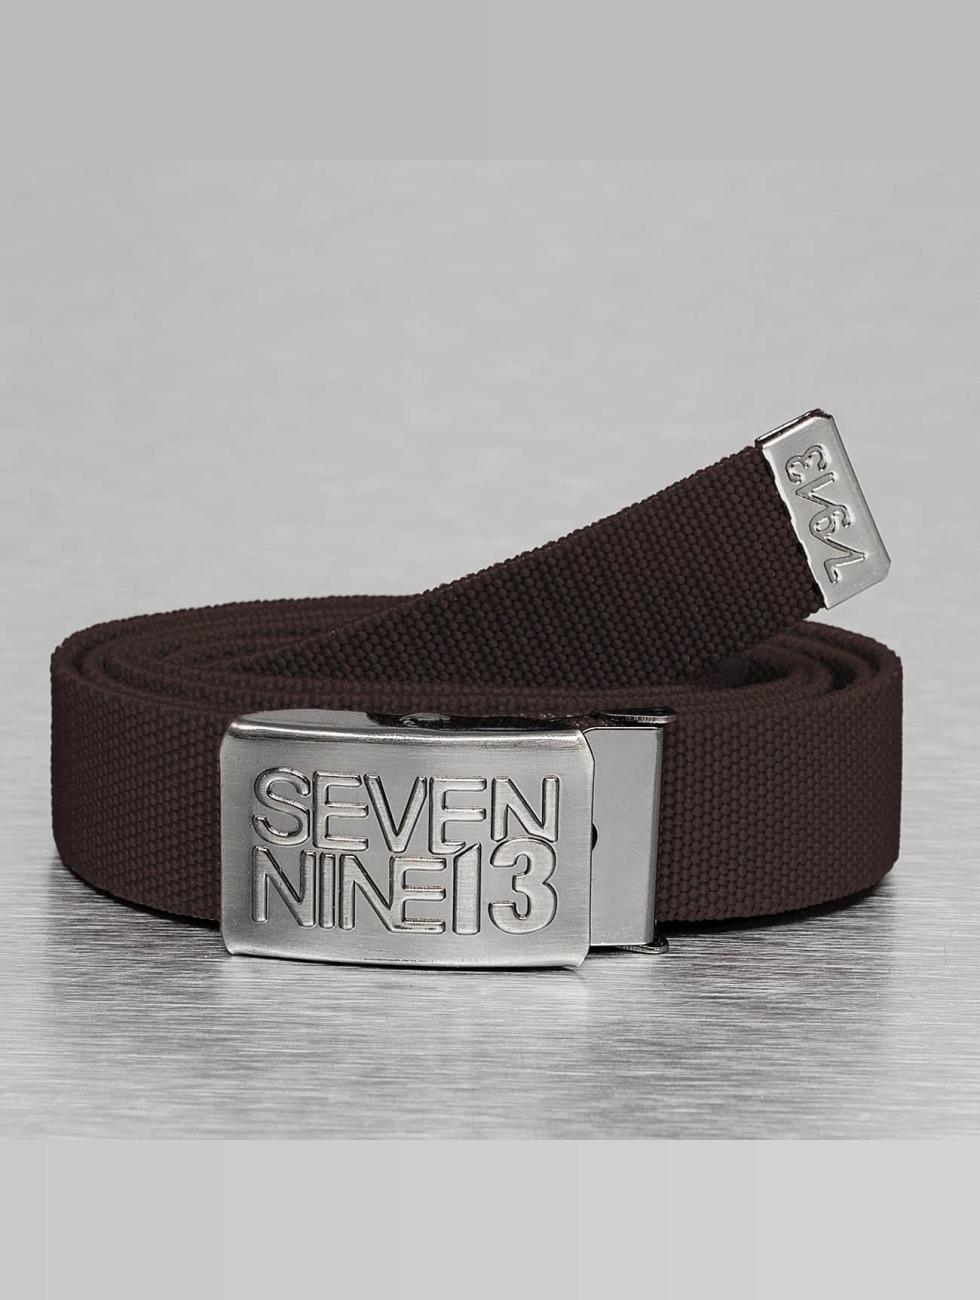 Seven Nine 13 riem Jaws Stretch bruin